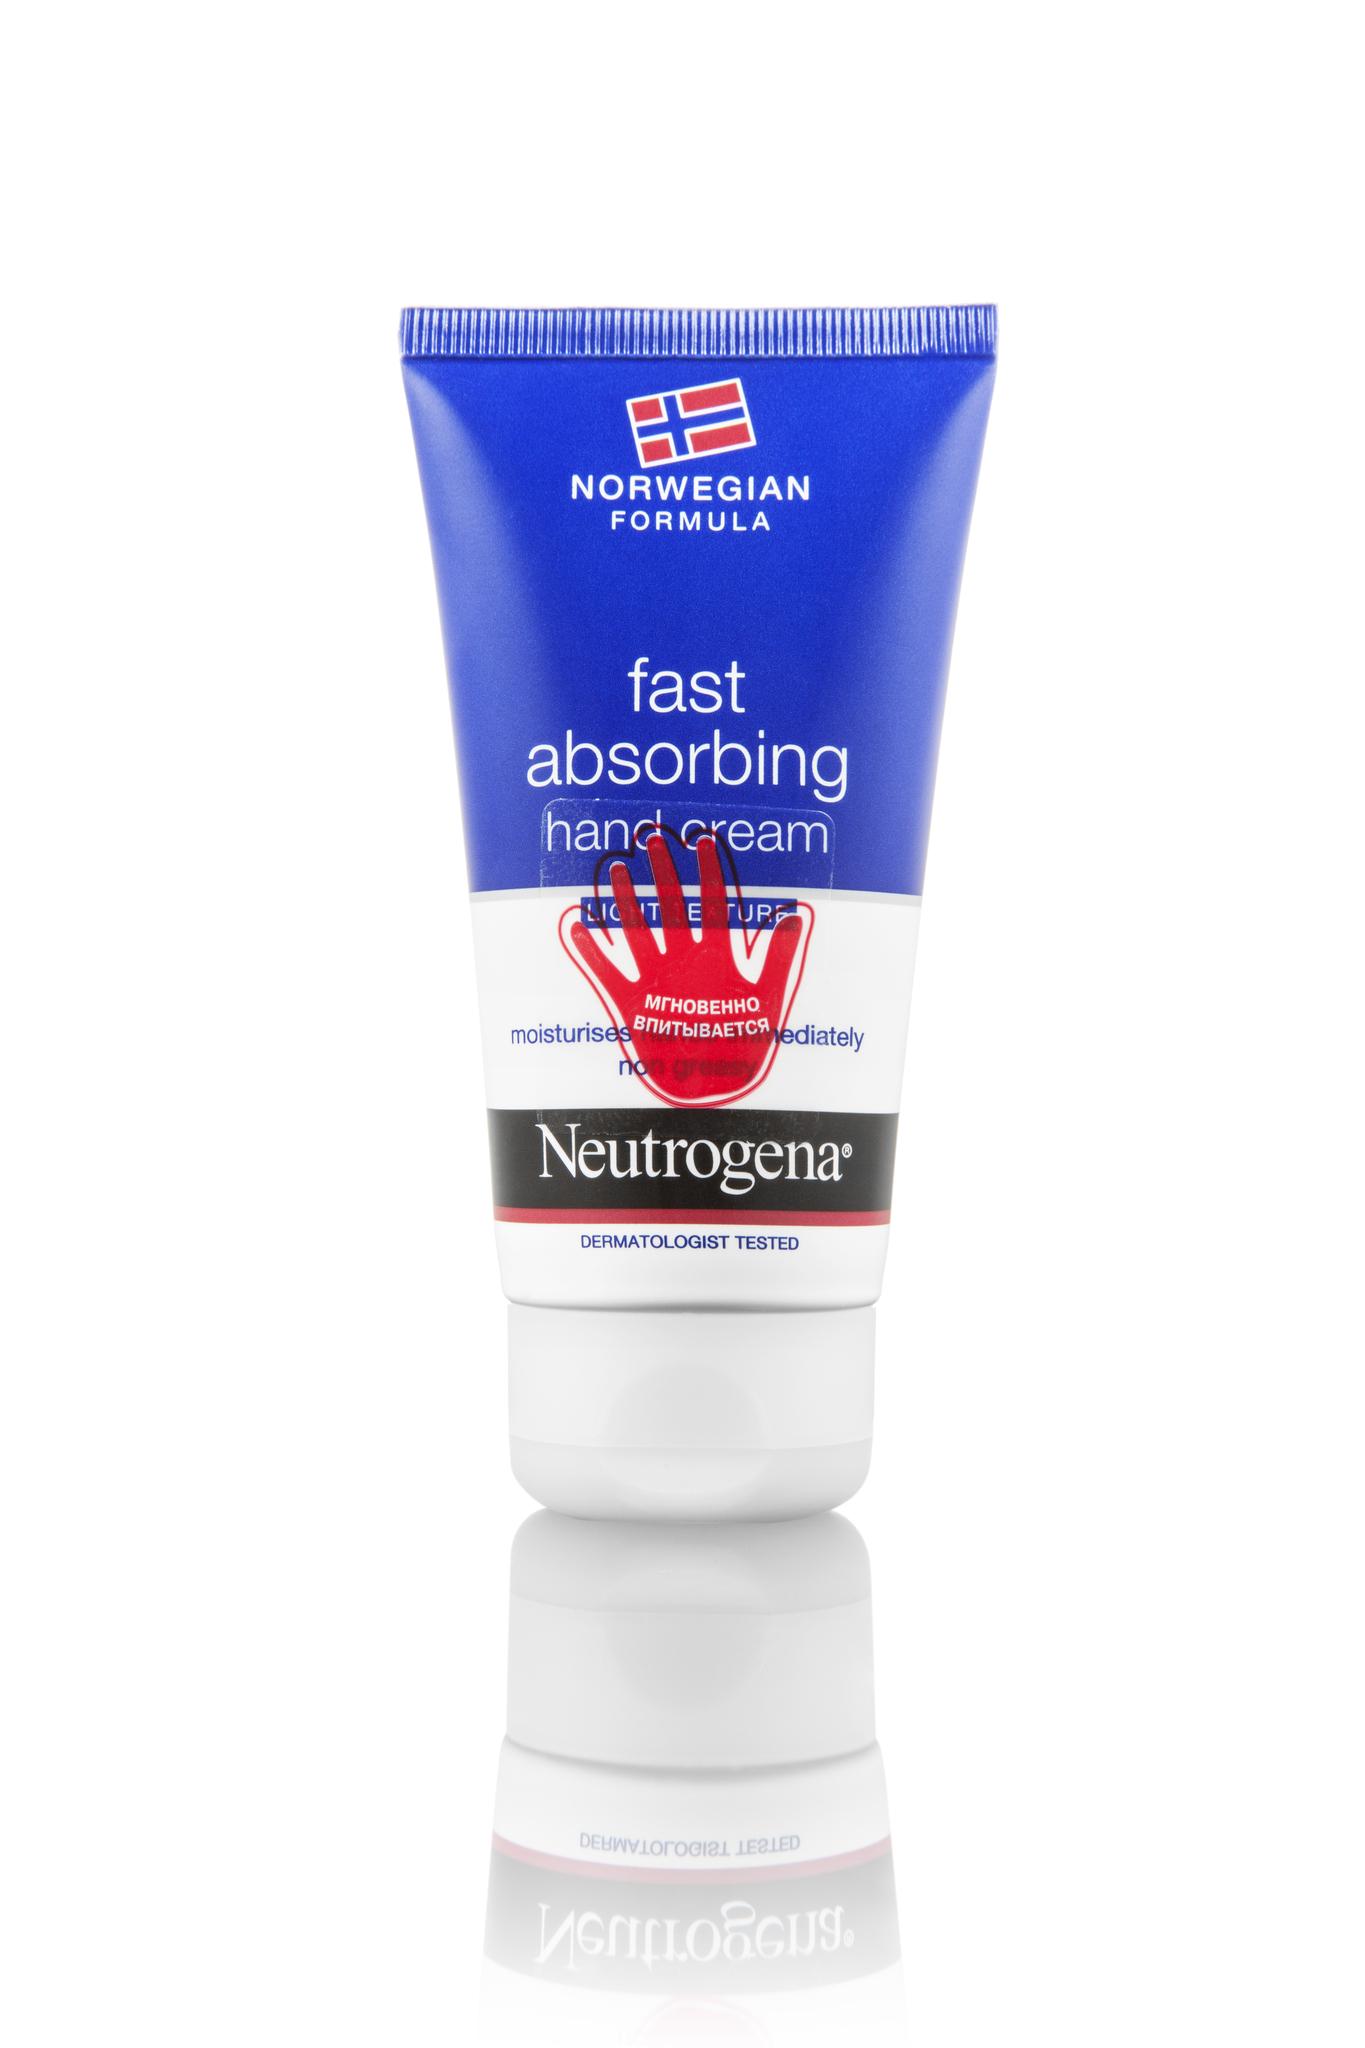 Neutrogena крем для рук быстро впитывающийся 75 мл.